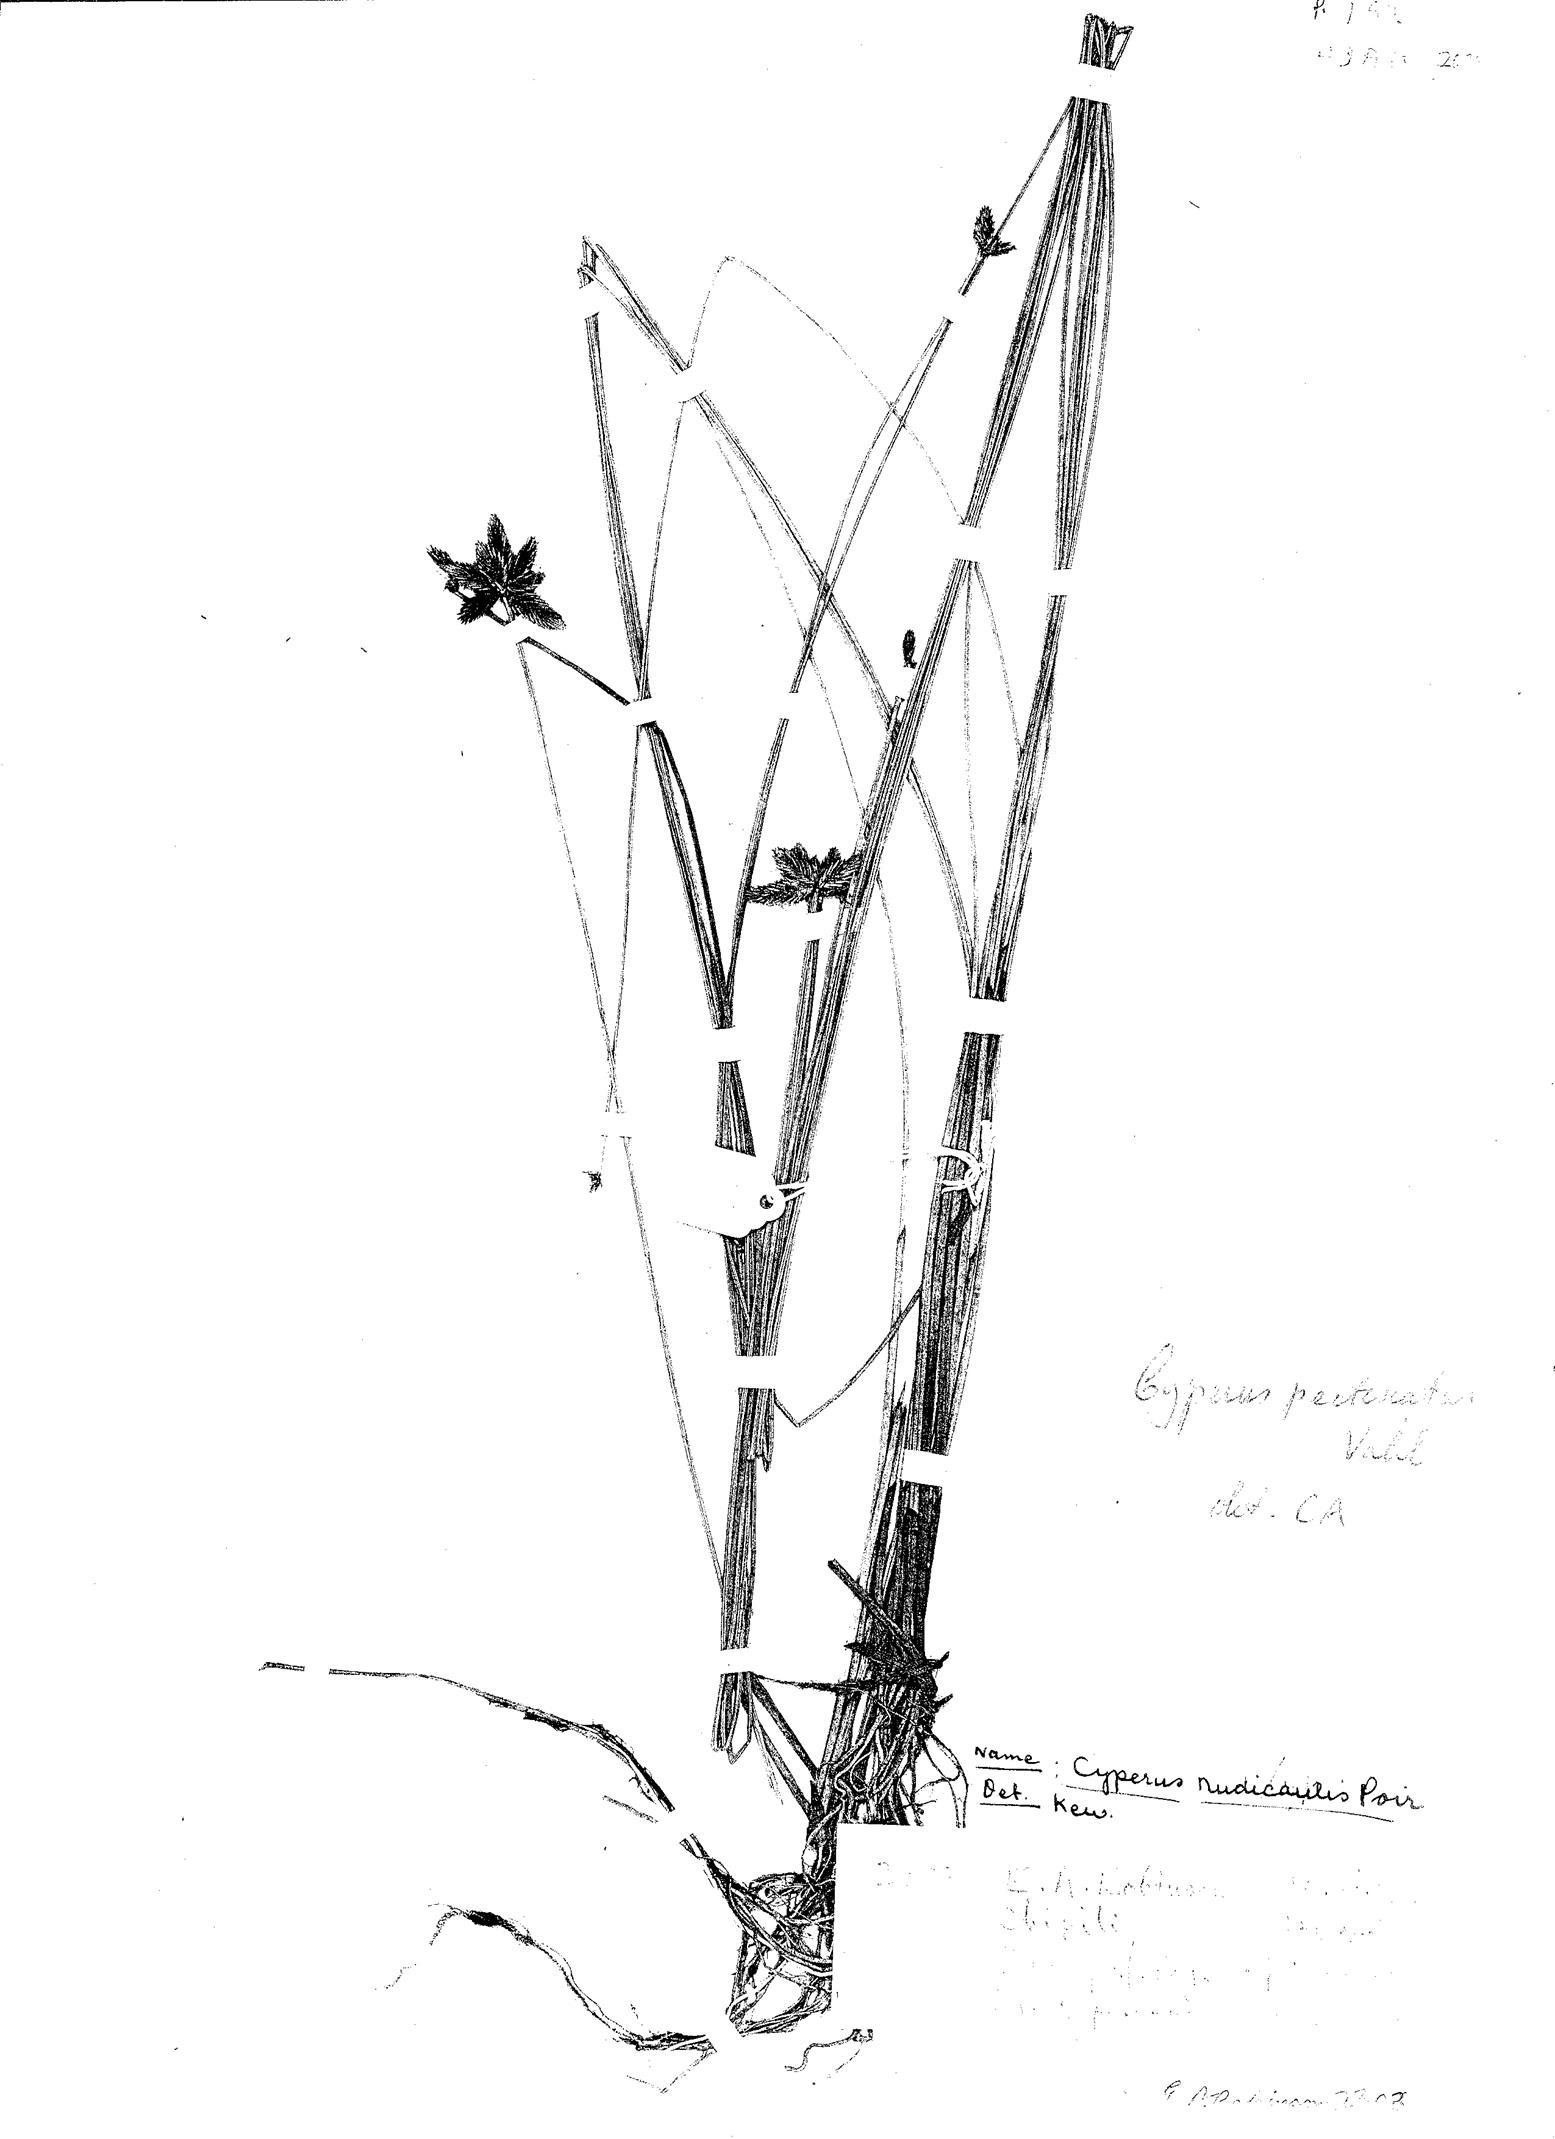 Cyperus pectinatus